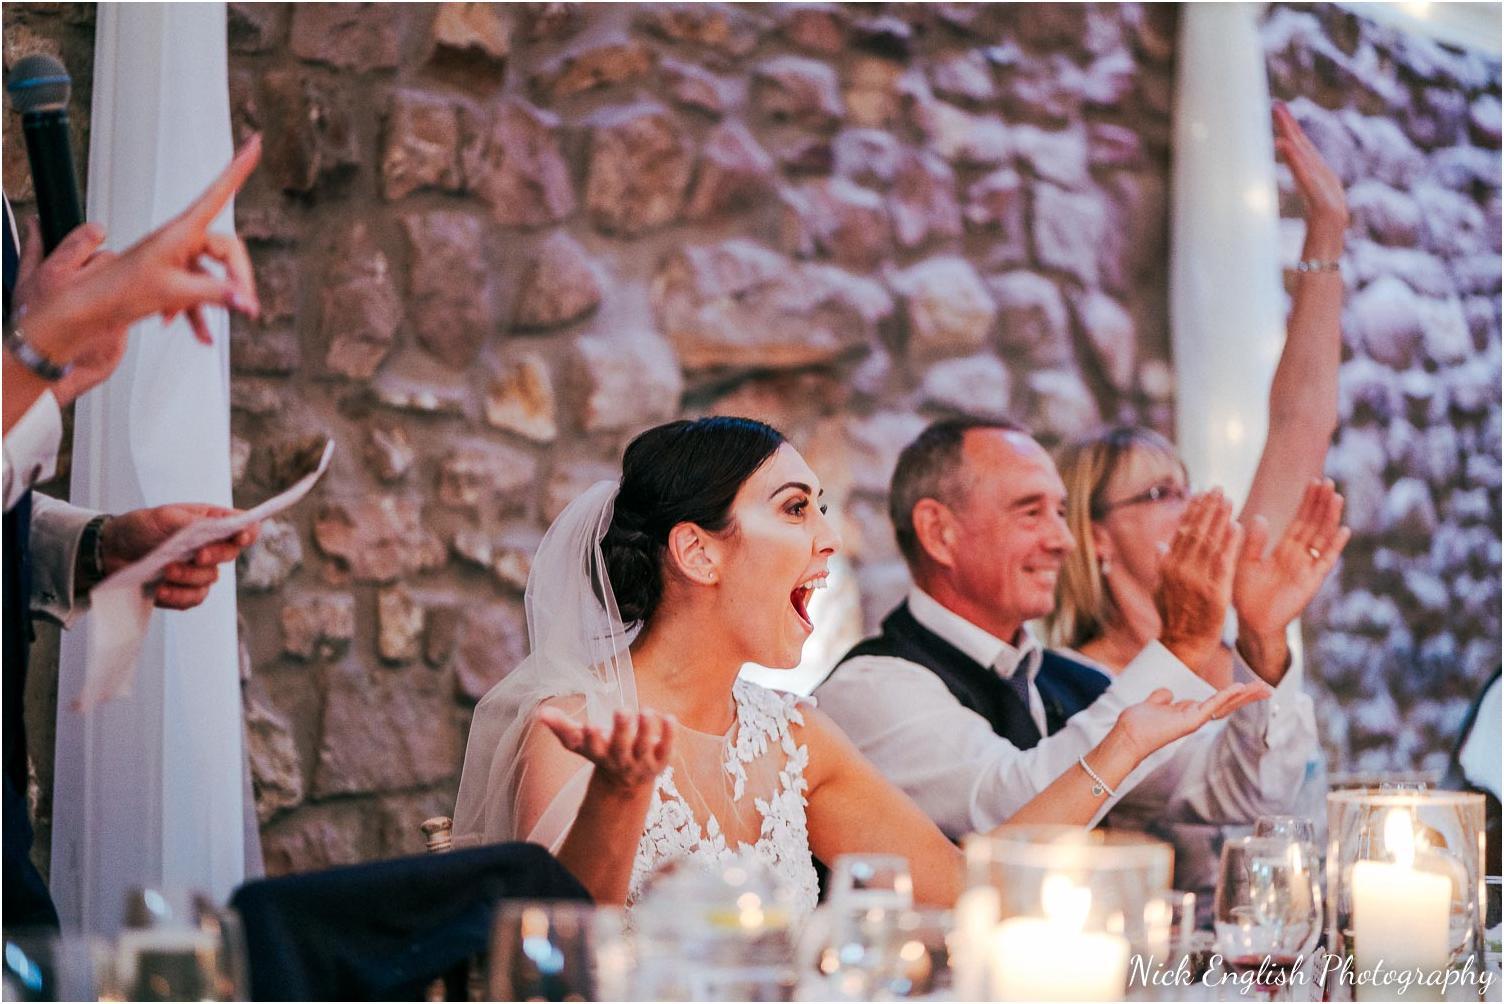 Browsholme_Hall_Barn_Wedding_Nick_English_Photography-144.jpg